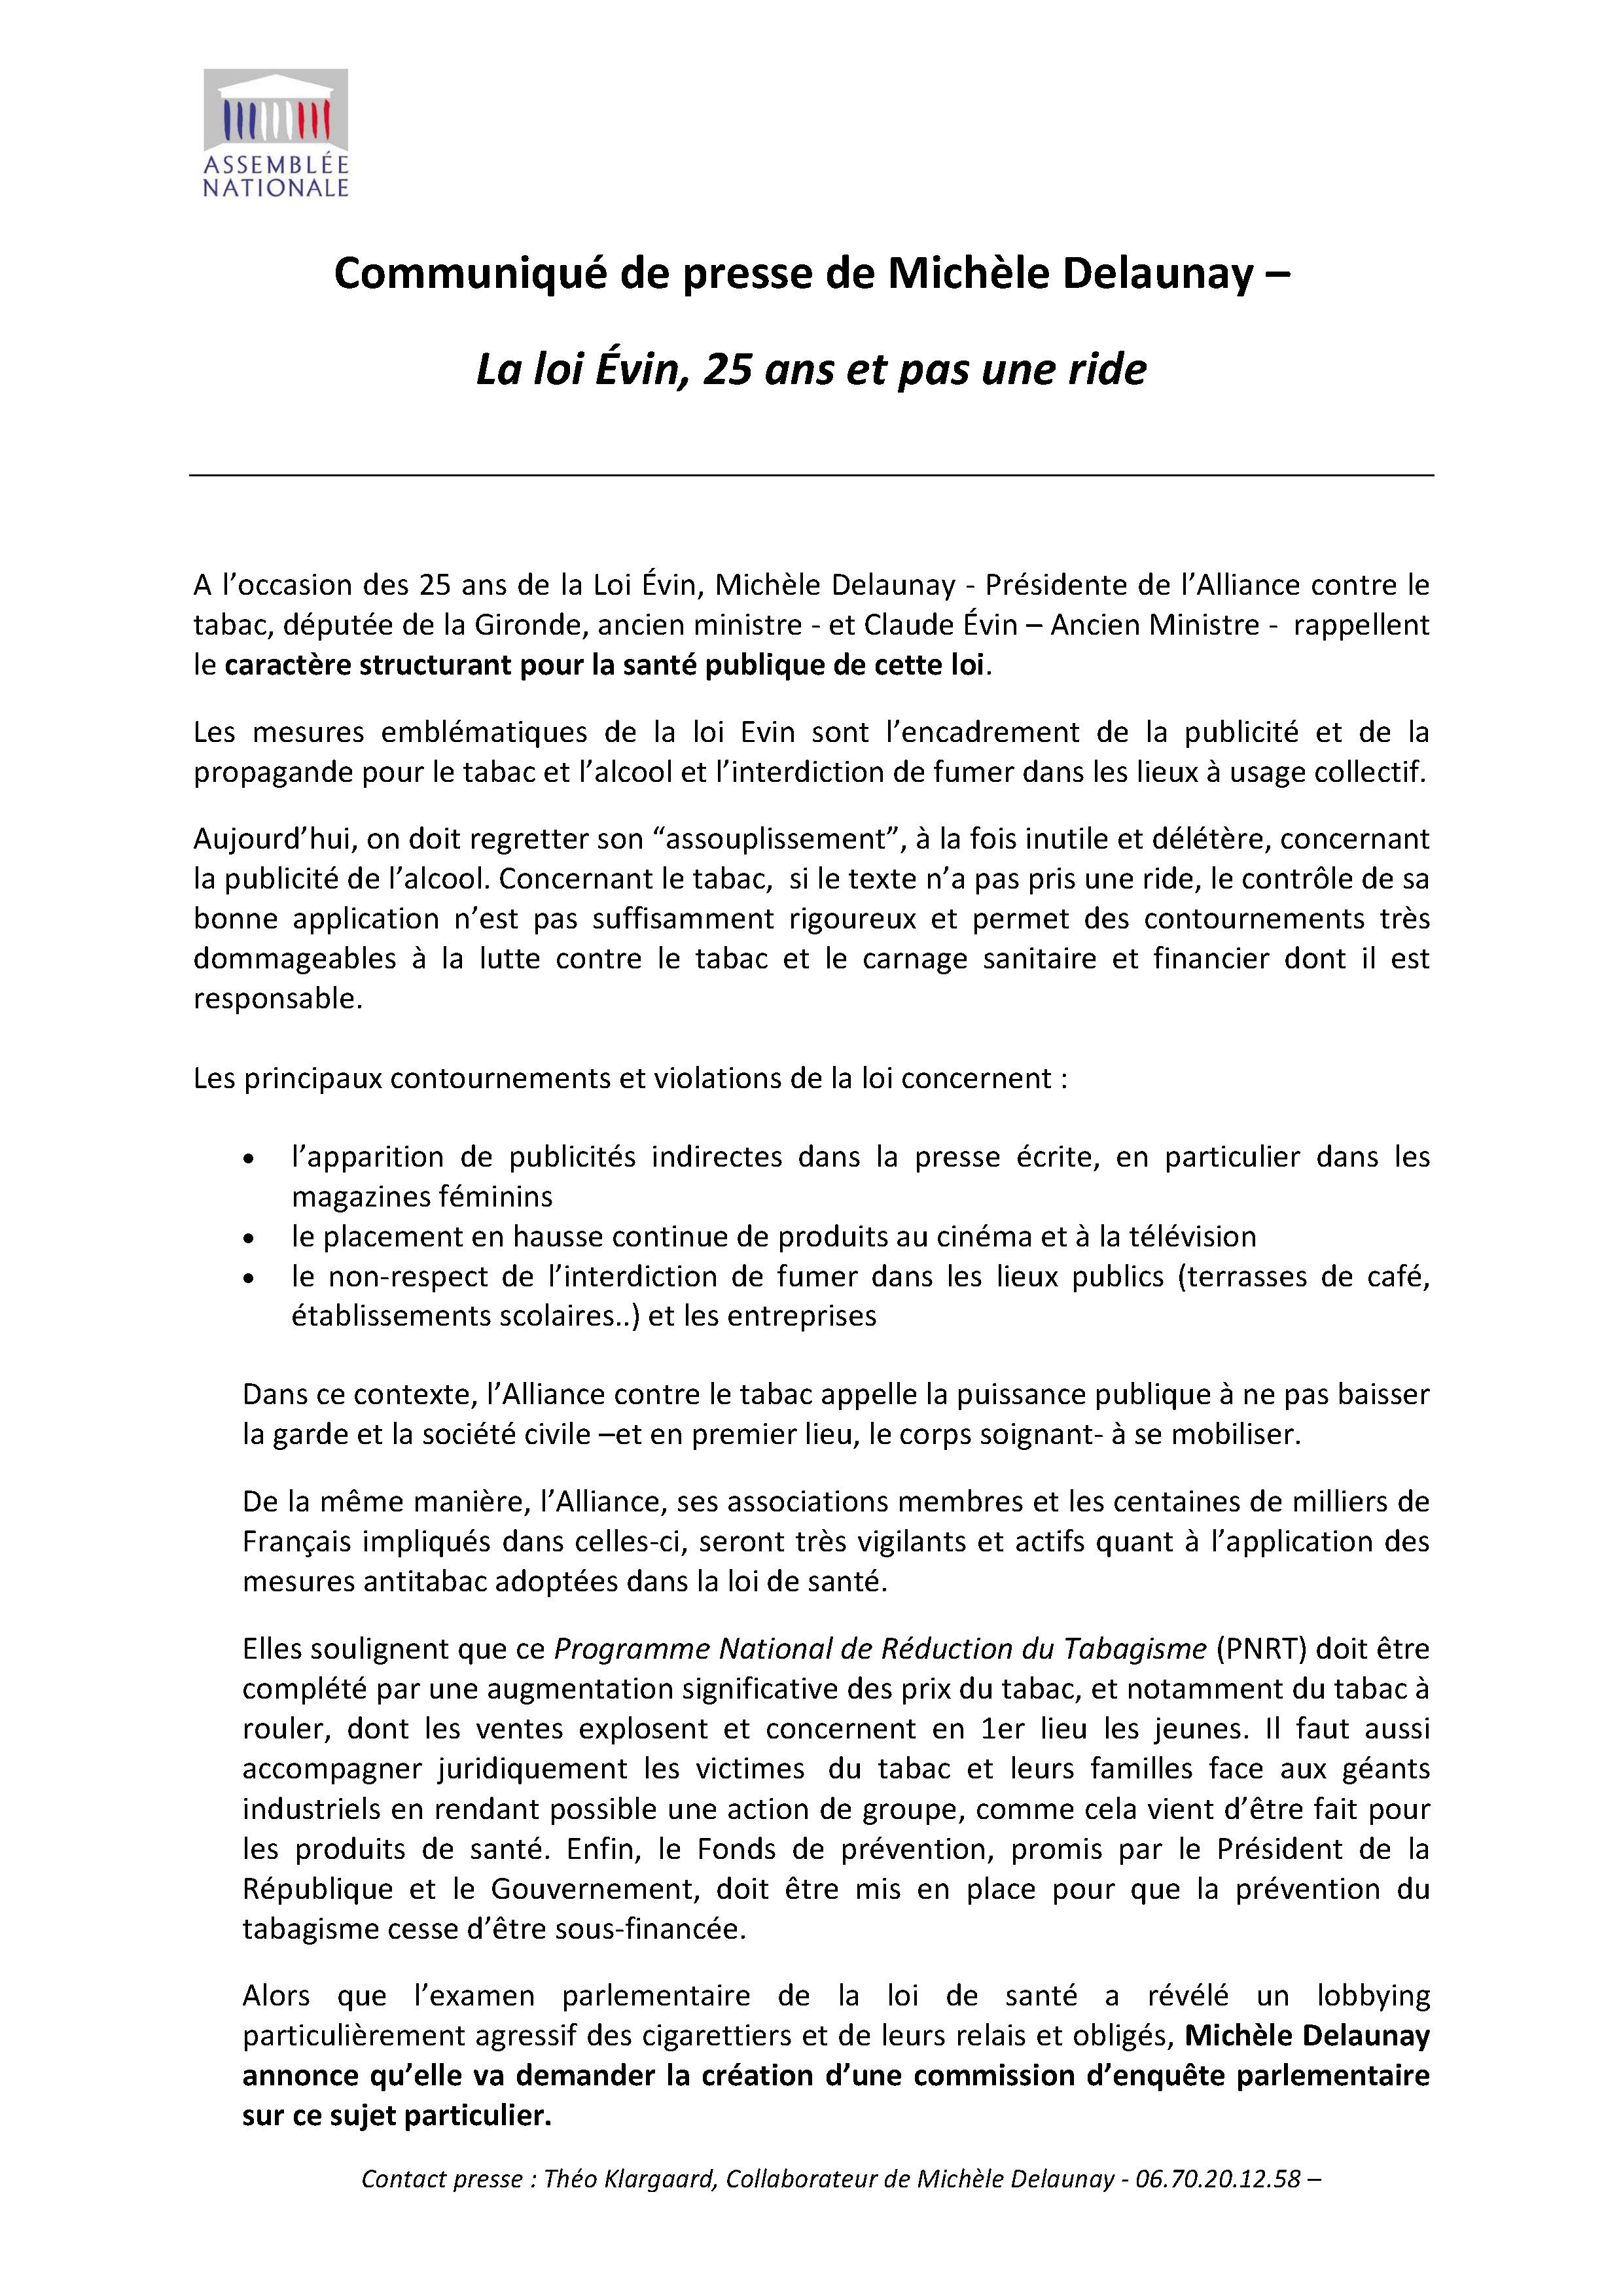 Alliance-CP_25-ans-loi-evin-8jan2016.jpg